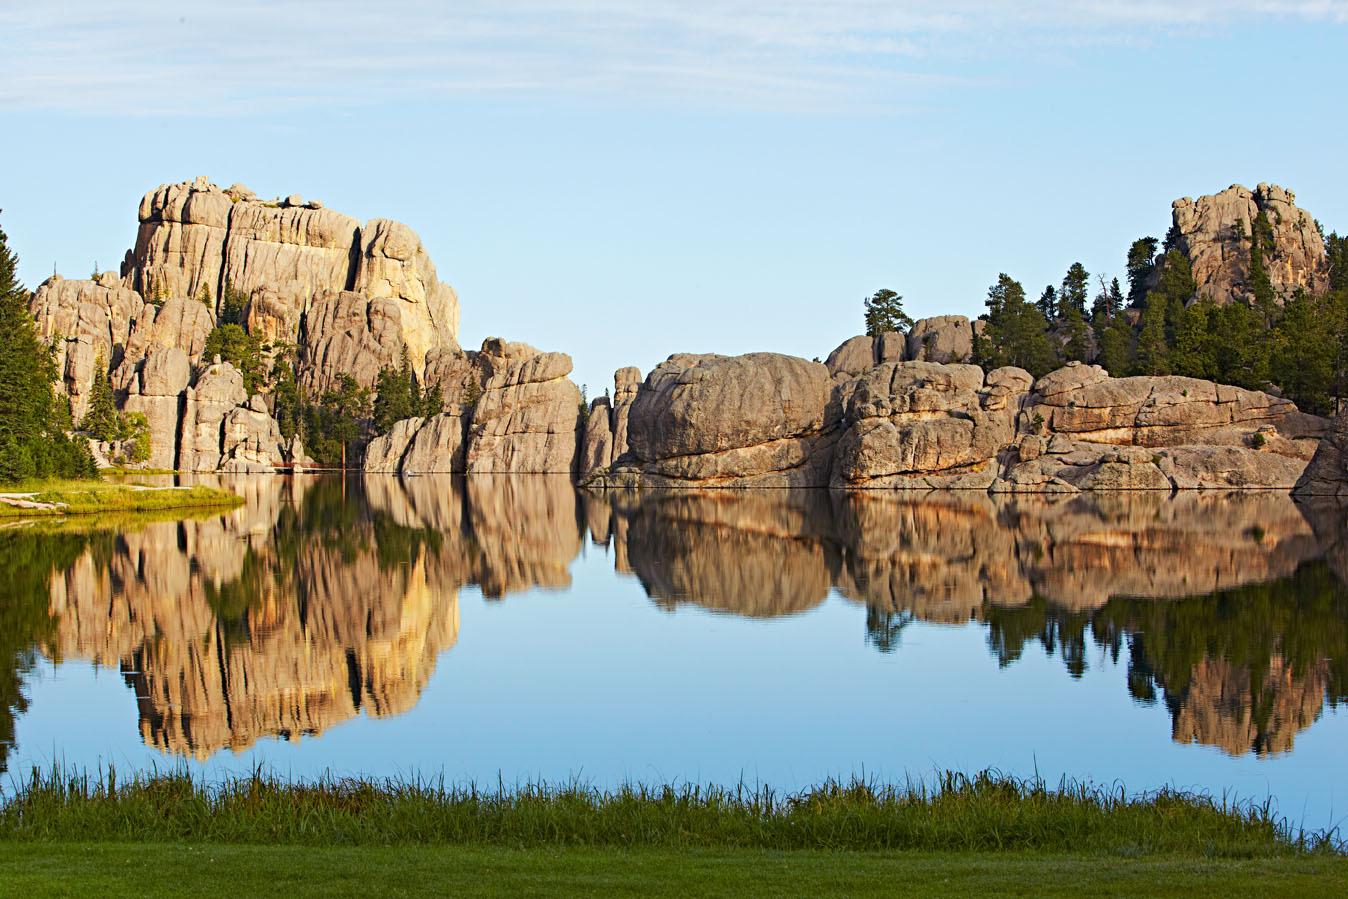 Sylvan Lake in Custer State Park